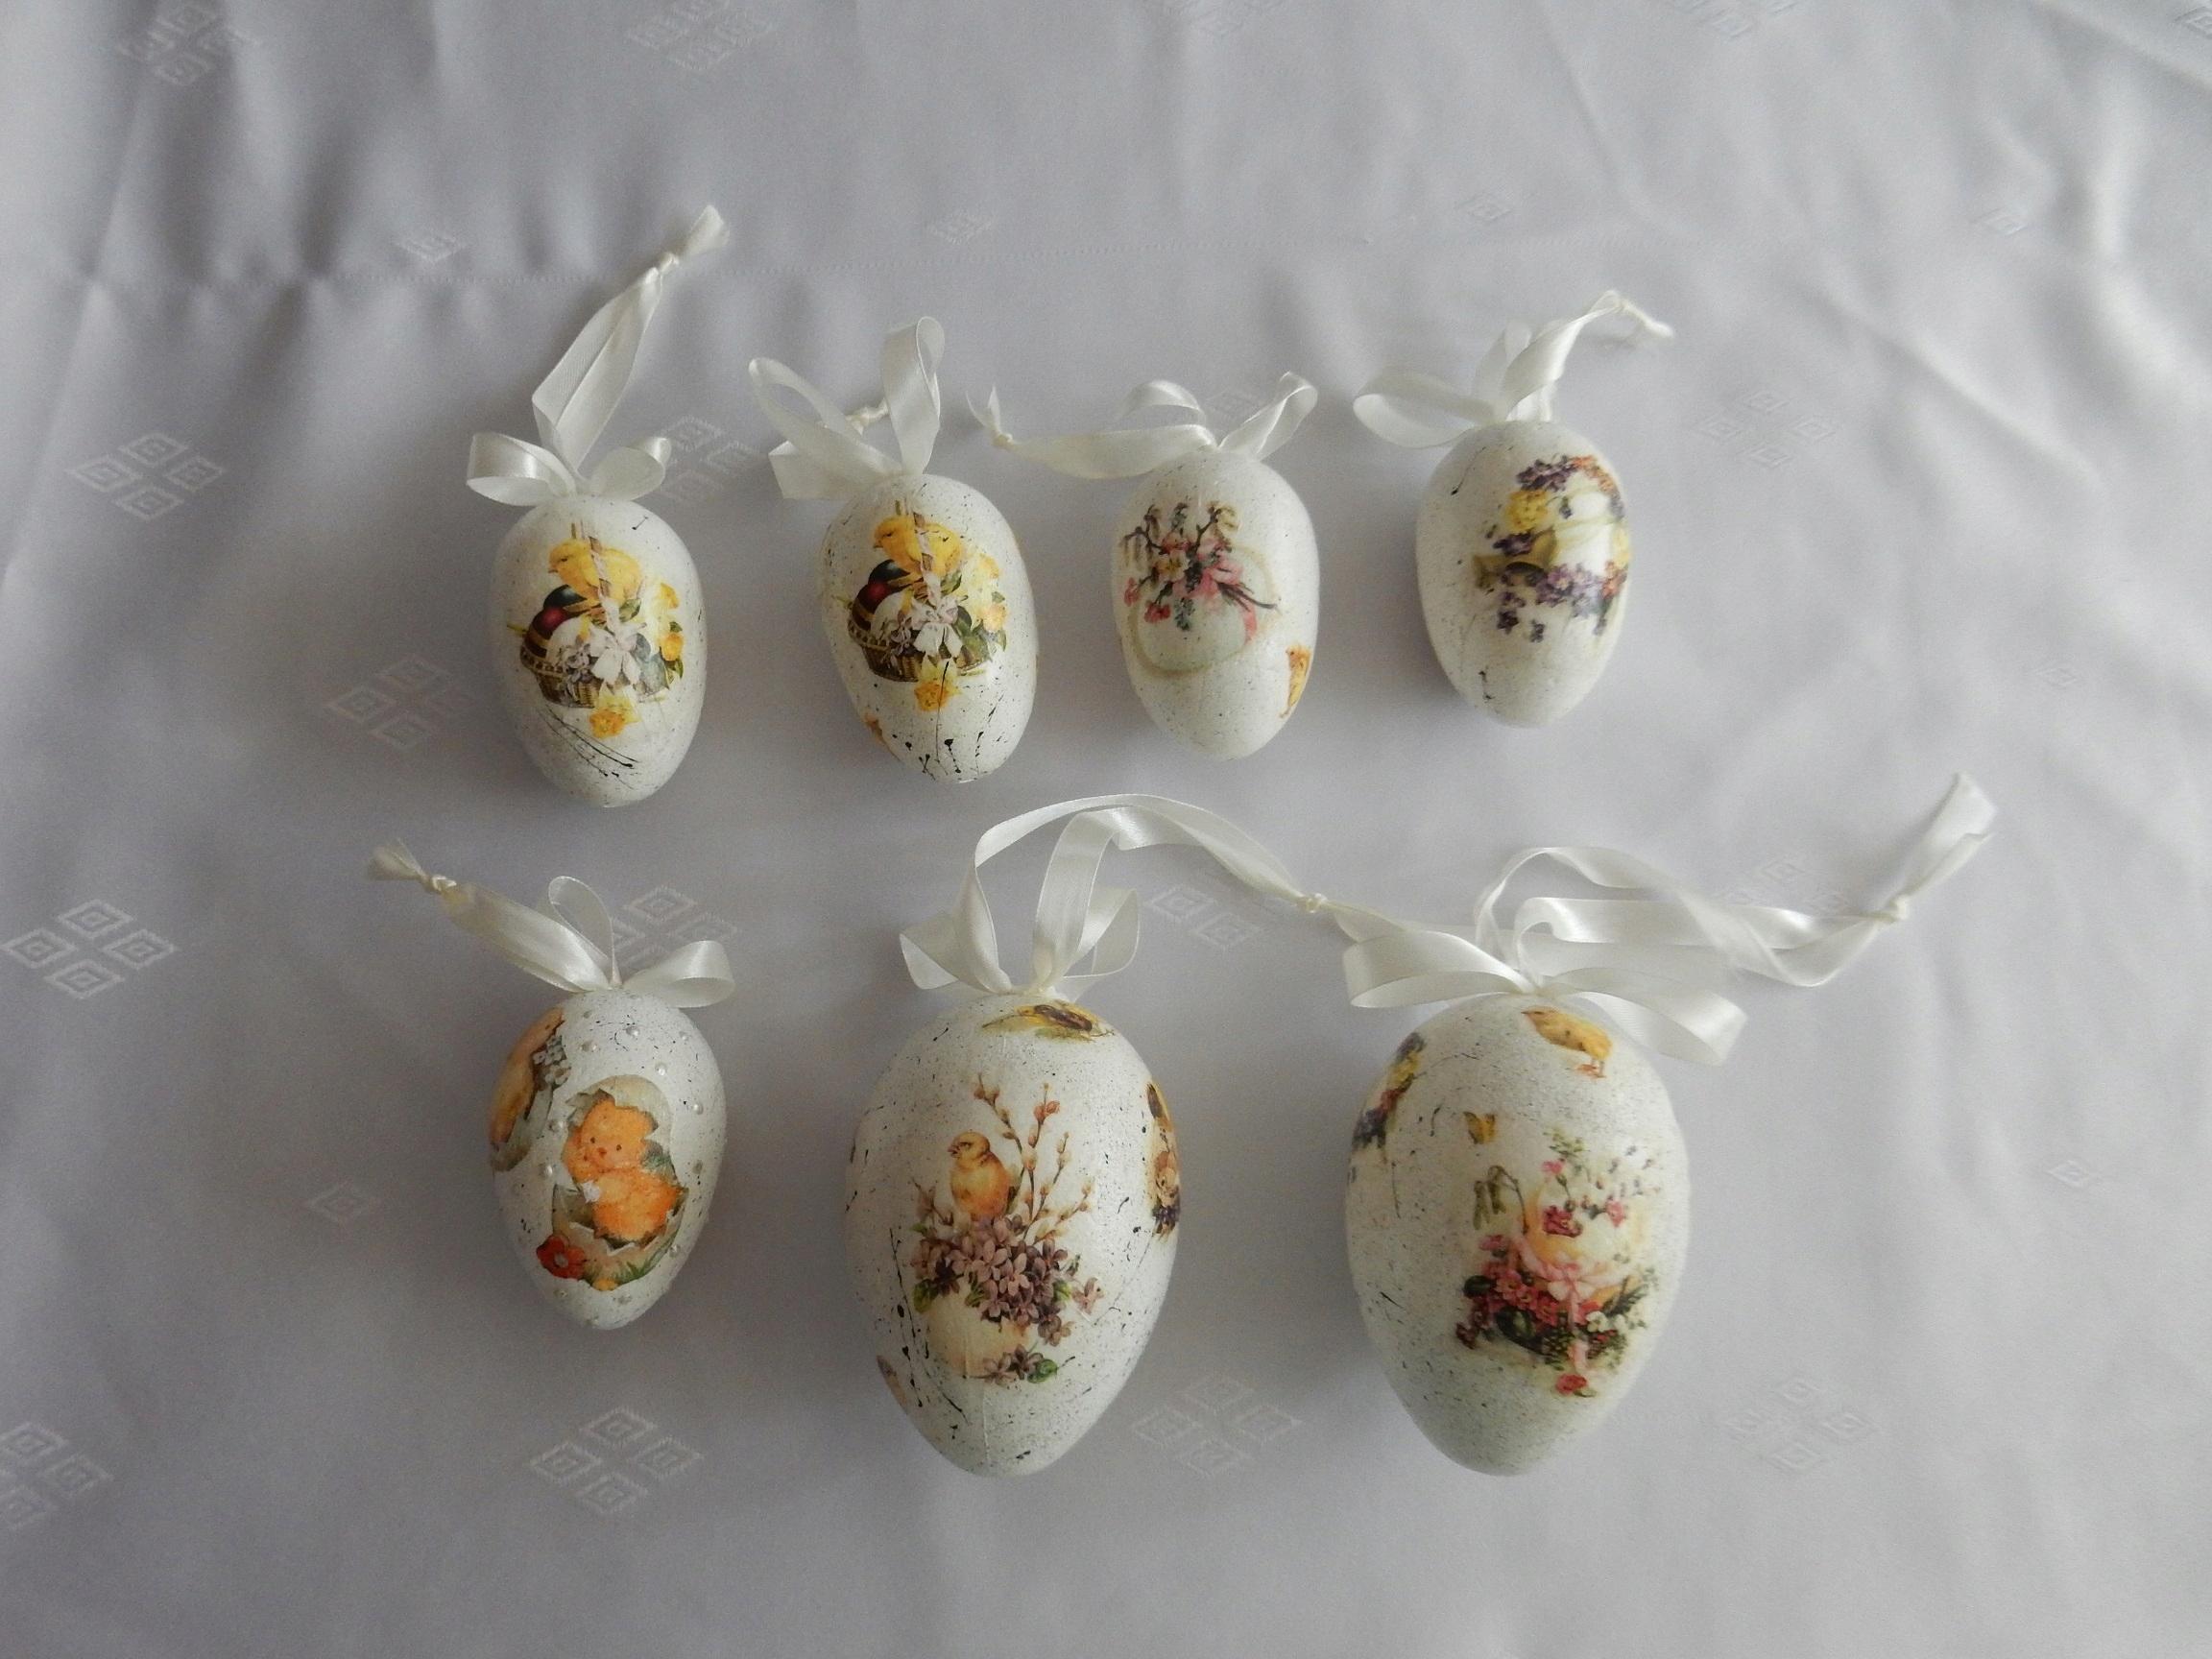 Jajka wielkanocne styropianowe, ręcznie wykonane